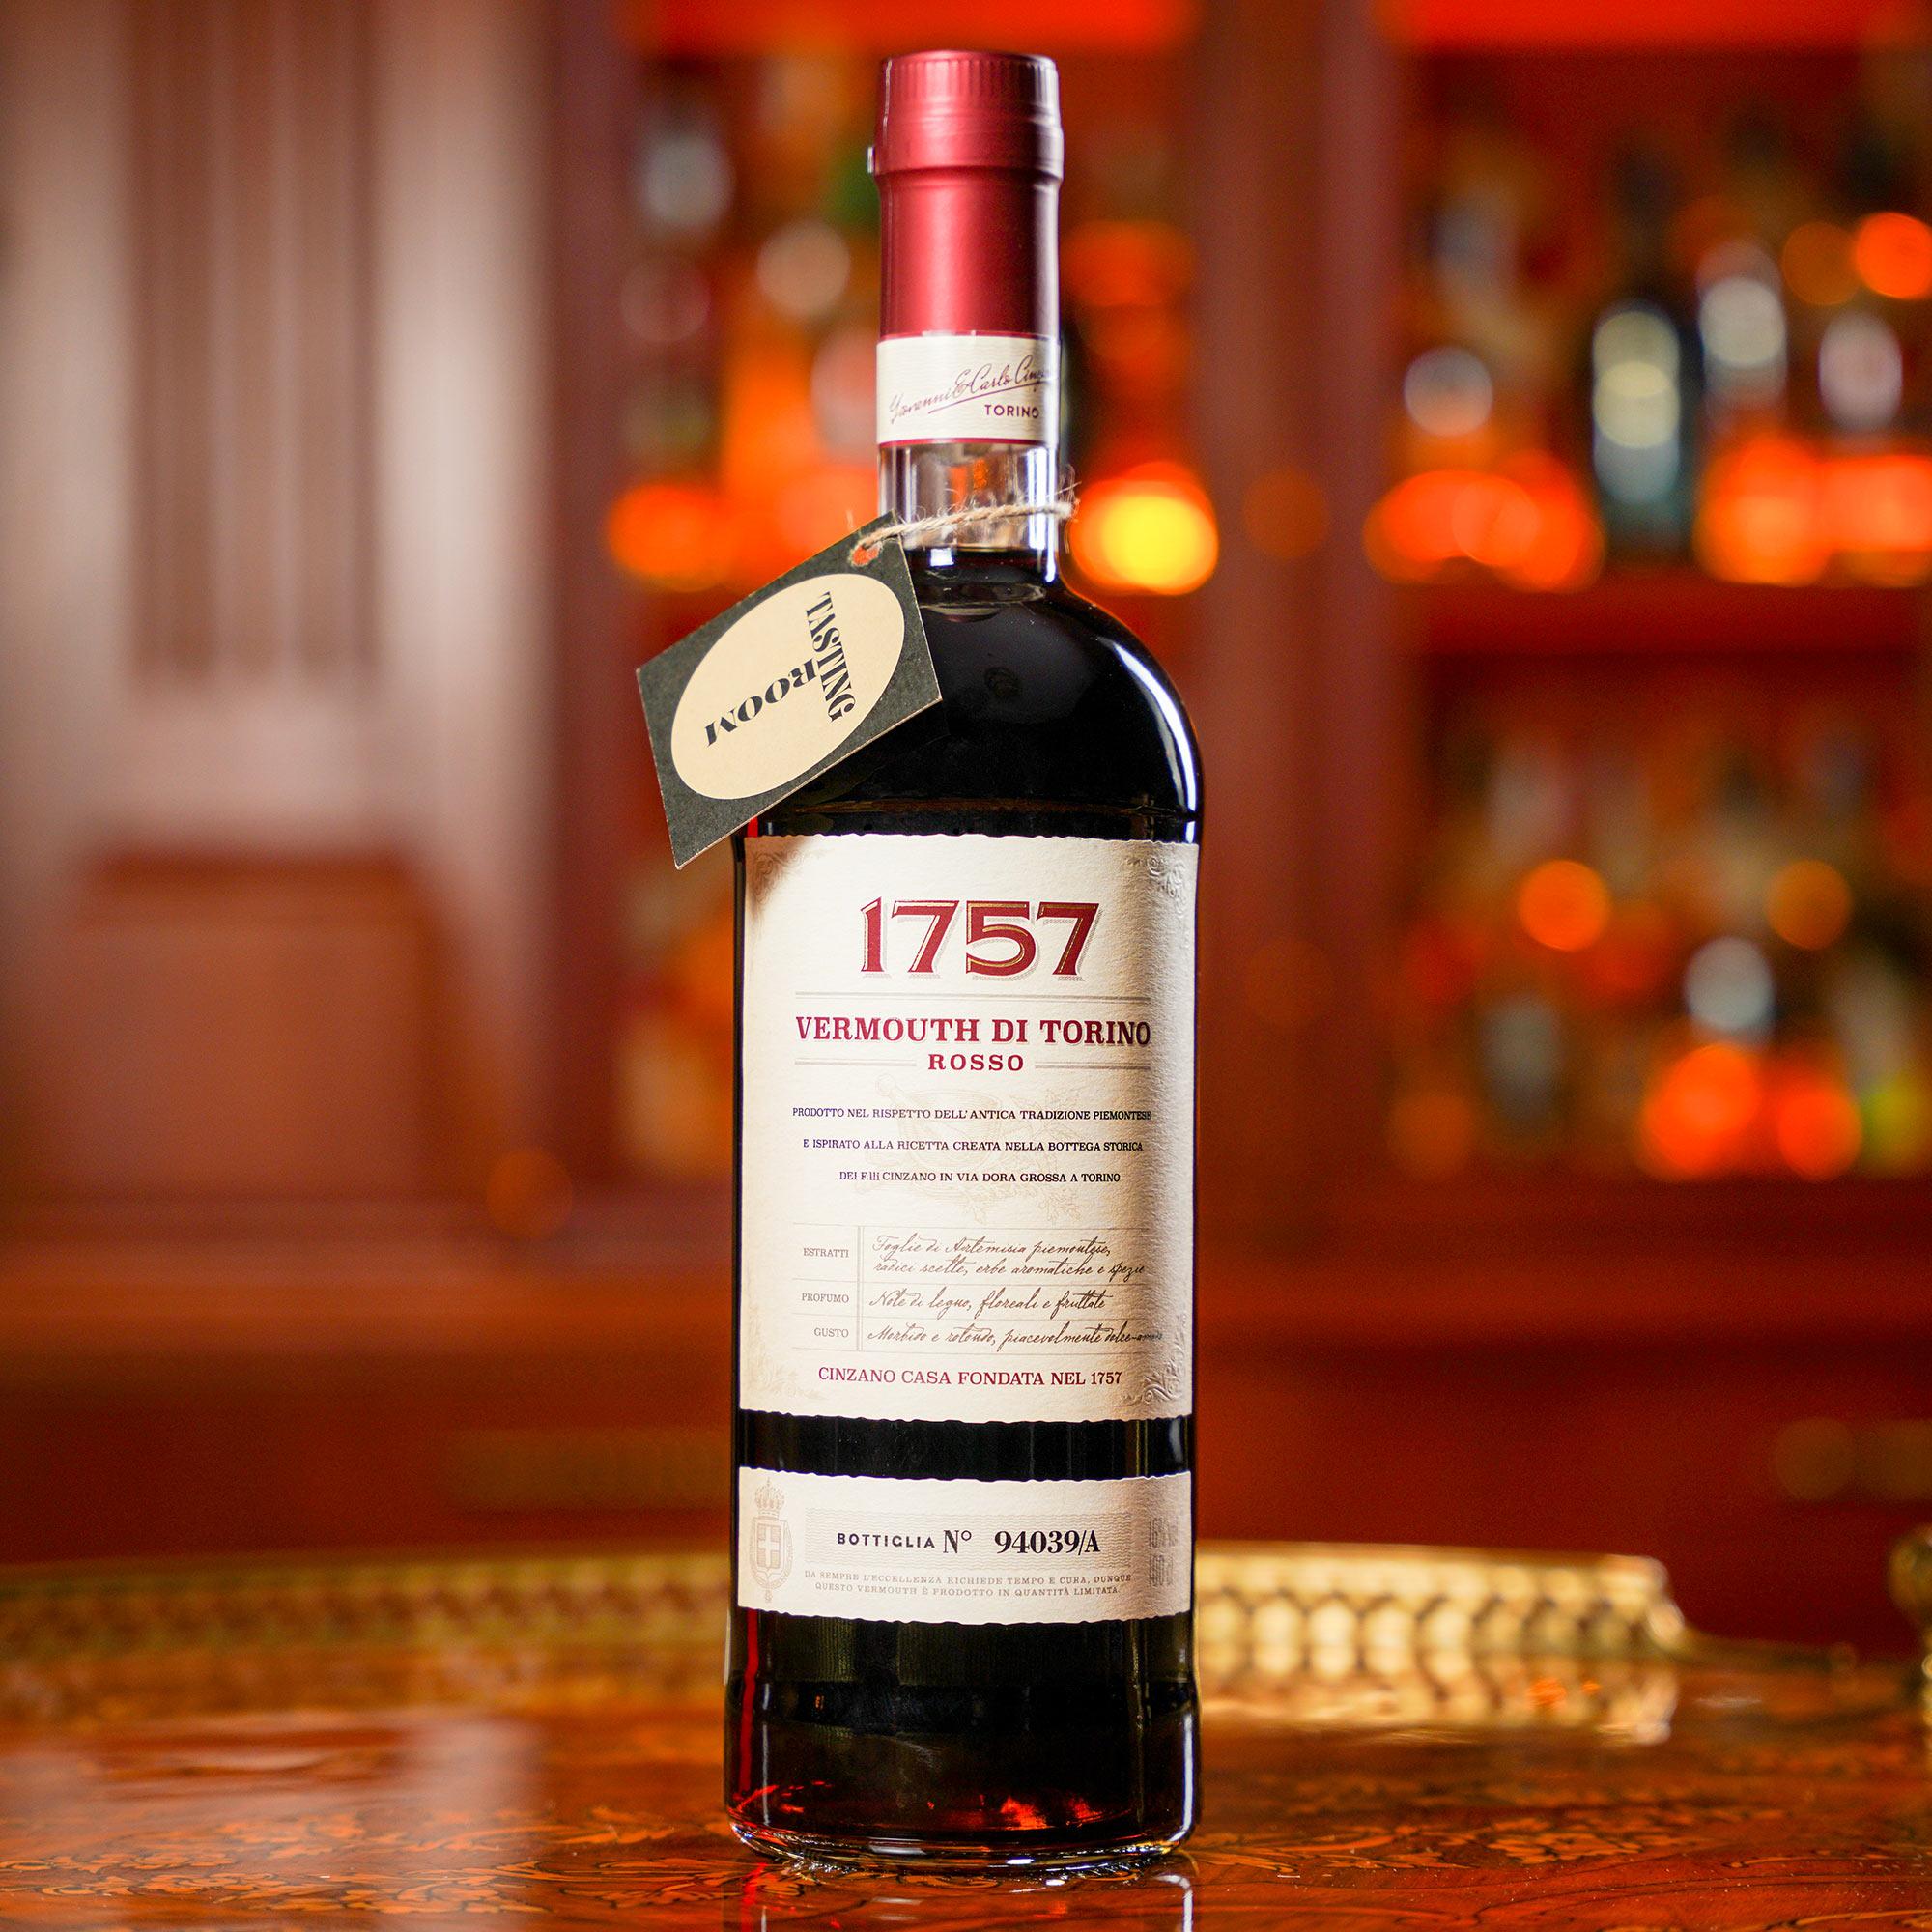 Cinzano 1757 Vermouth di Torino Rosso /Чинцано или Чинзано 1757 Вермут ди Торино Россо